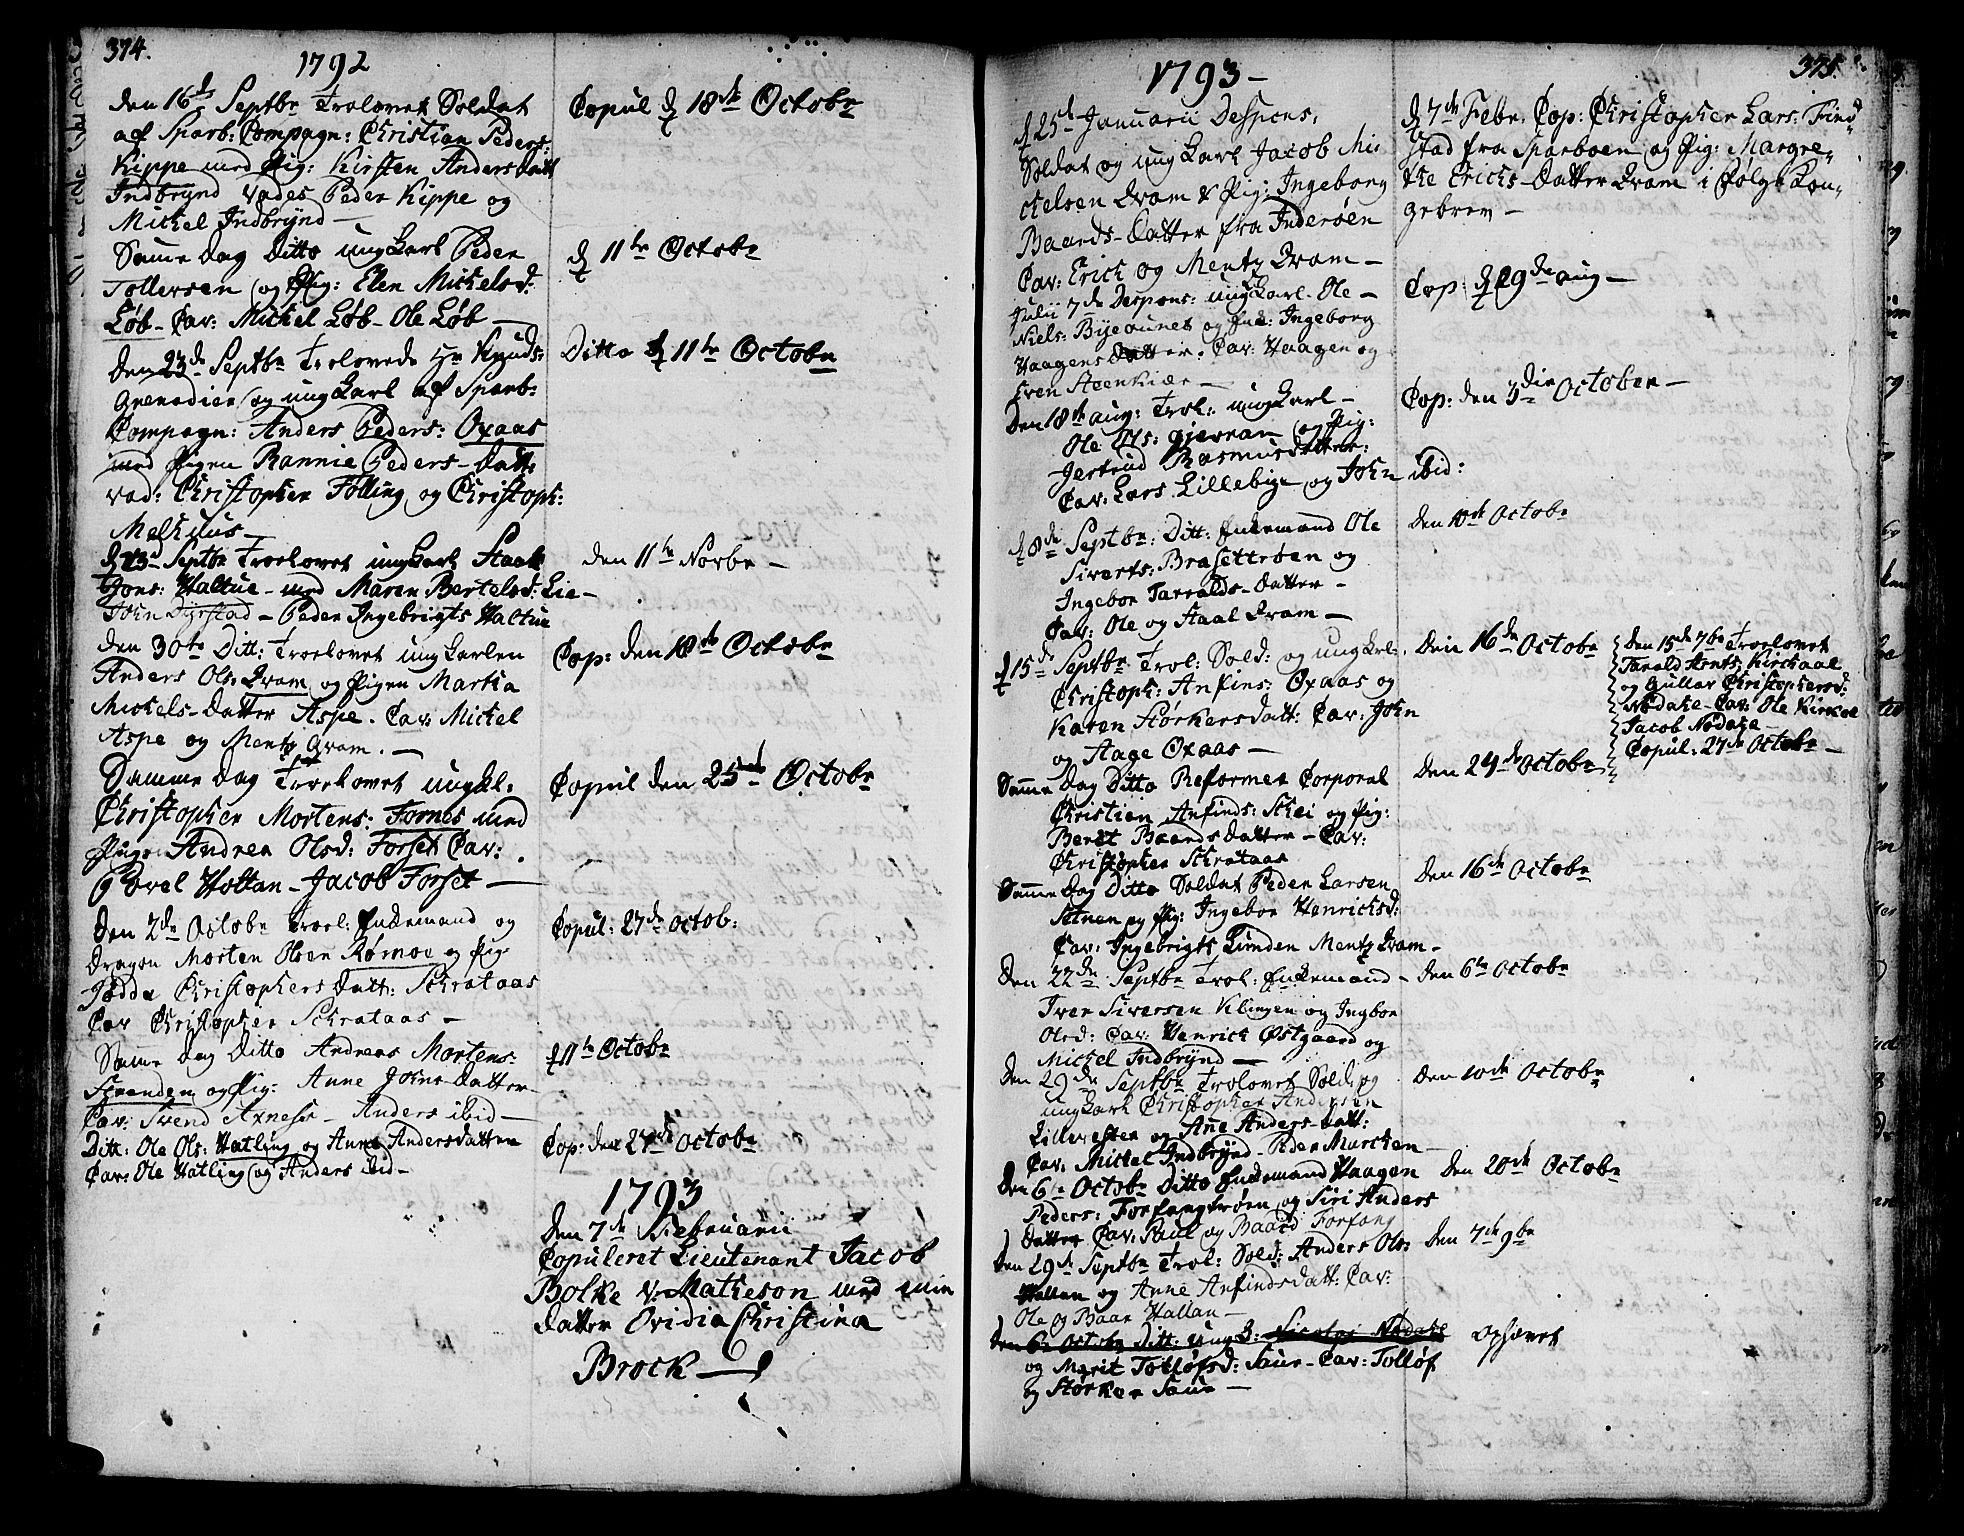 SAT, Ministerialprotokoller, klokkerbøker og fødselsregistre - Nord-Trøndelag, 746/L0440: Ministerialbok nr. 746A02, 1760-1815, s. 374-375